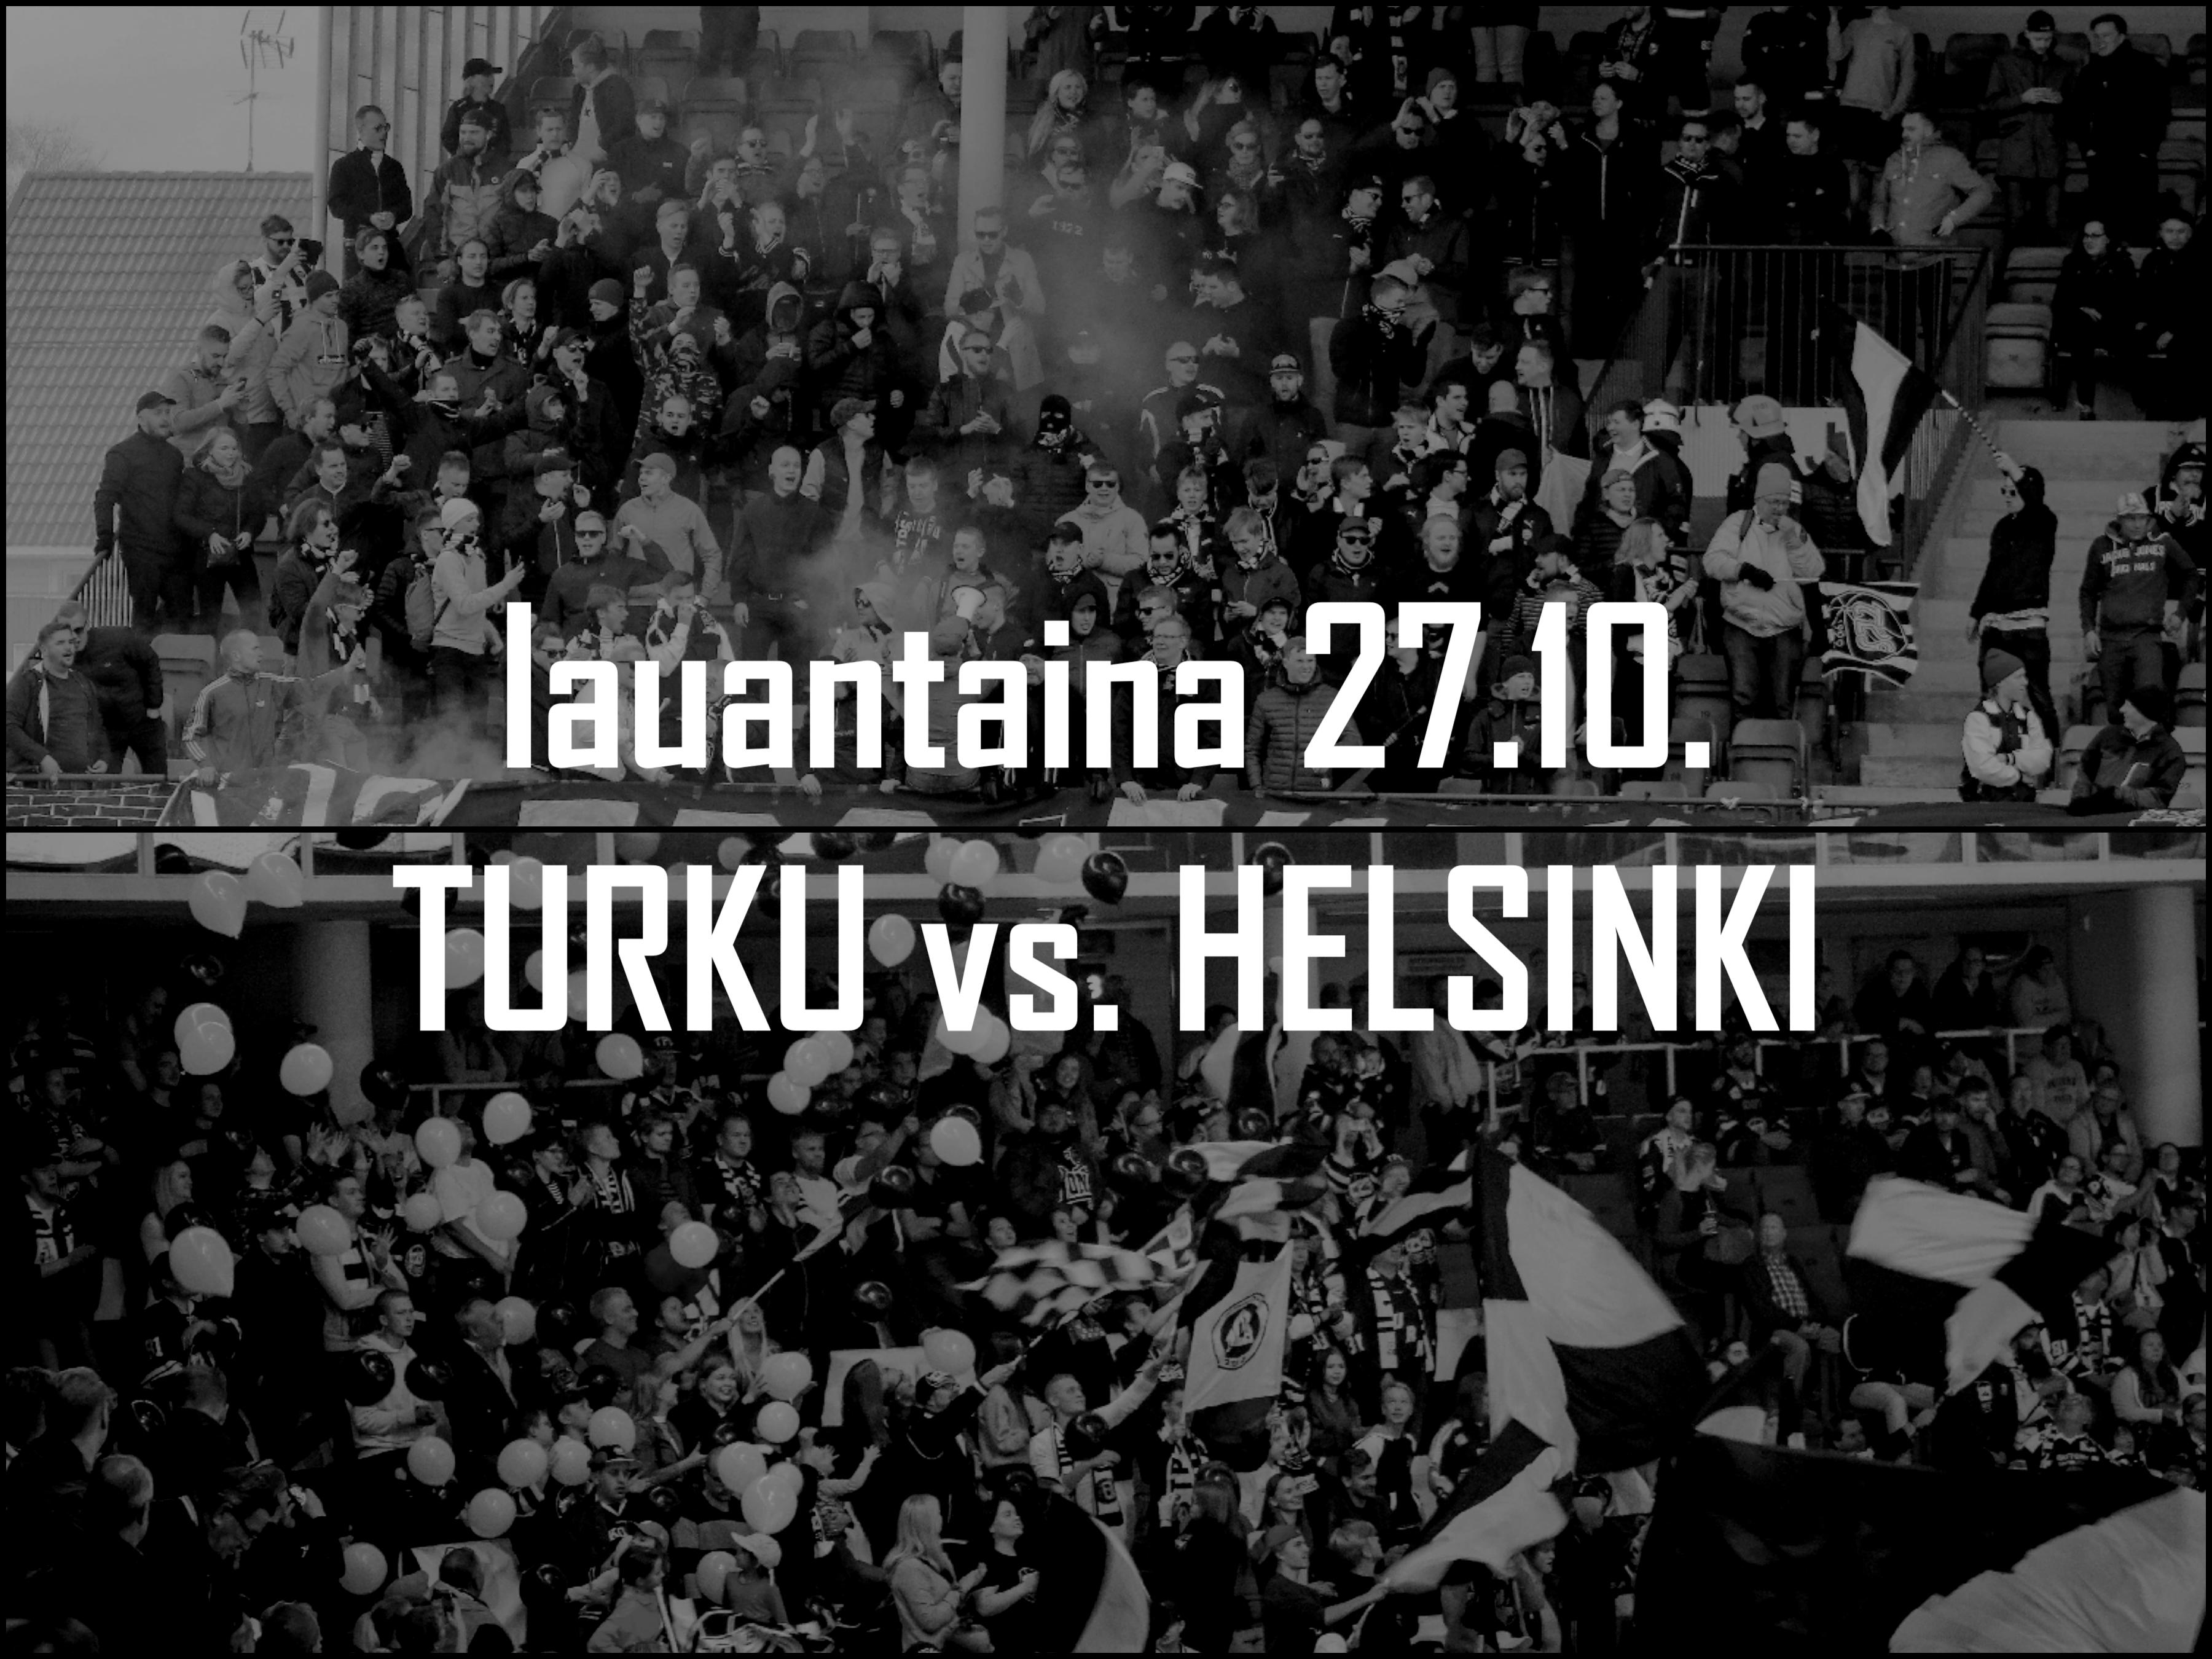 Tuplapelipäivä: Turku vs. Helsinki 27.10.